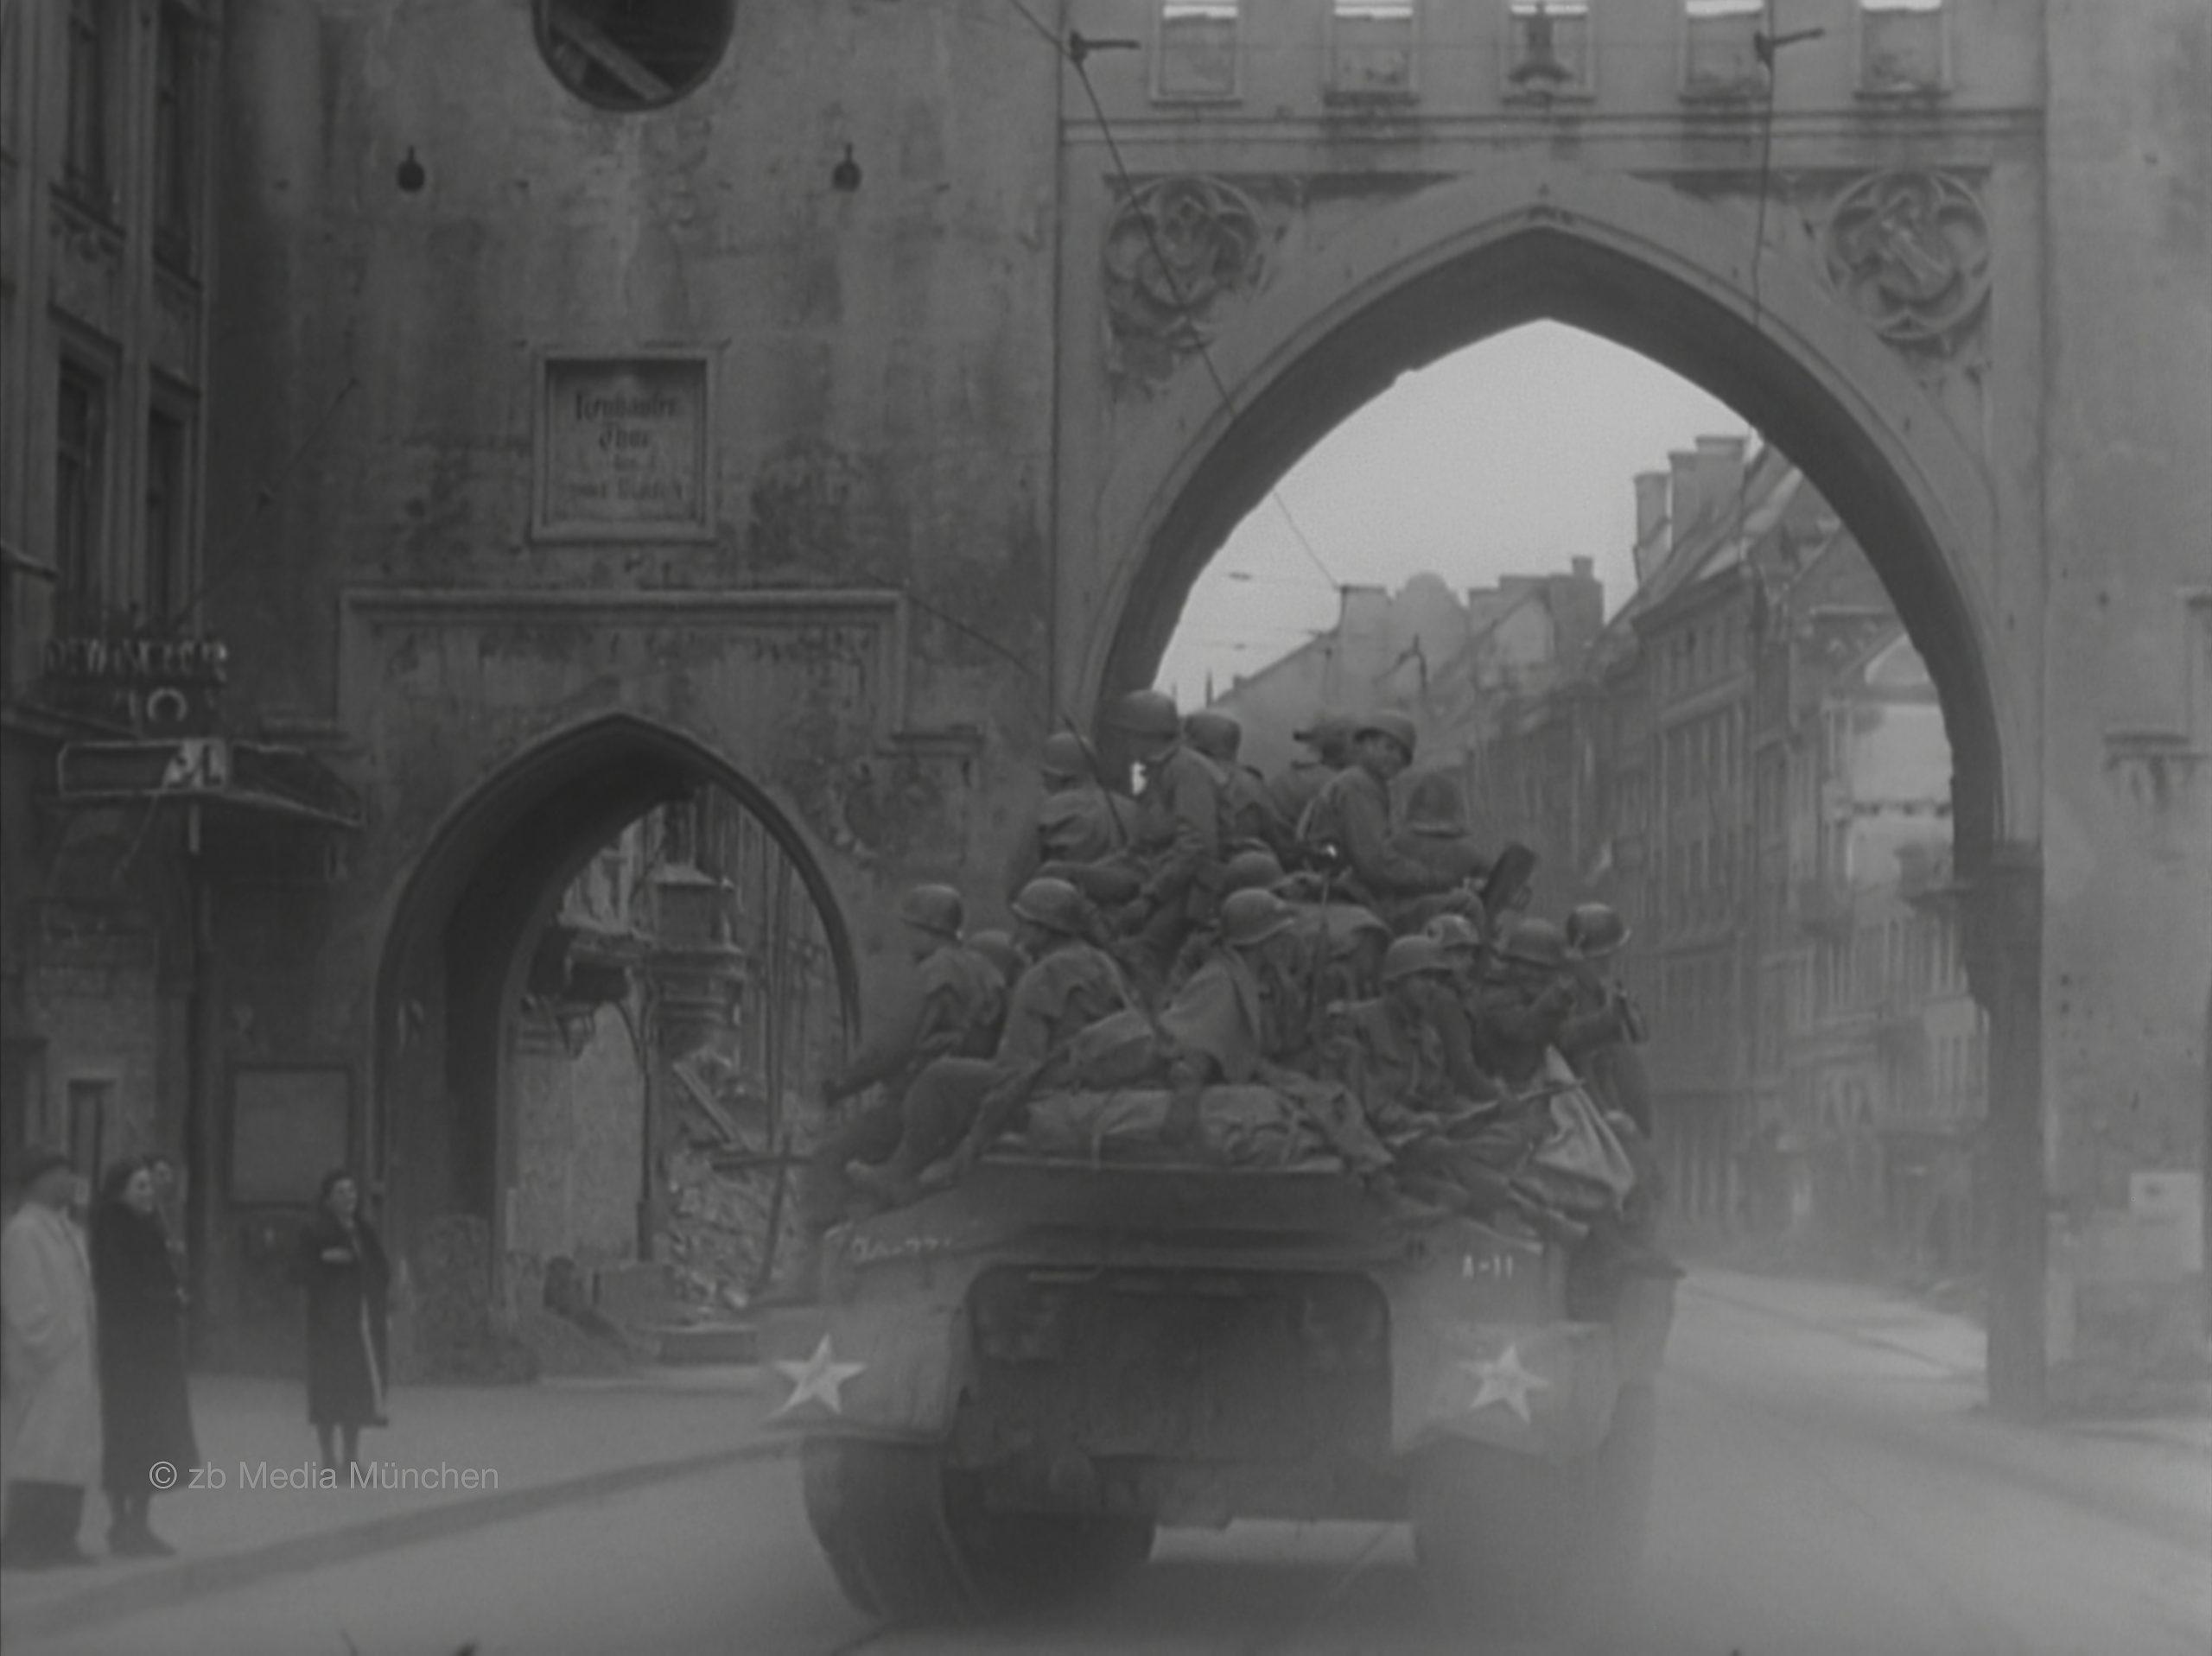 Amerikanischer Panzer am Karlstor, München 30. April 1945, close